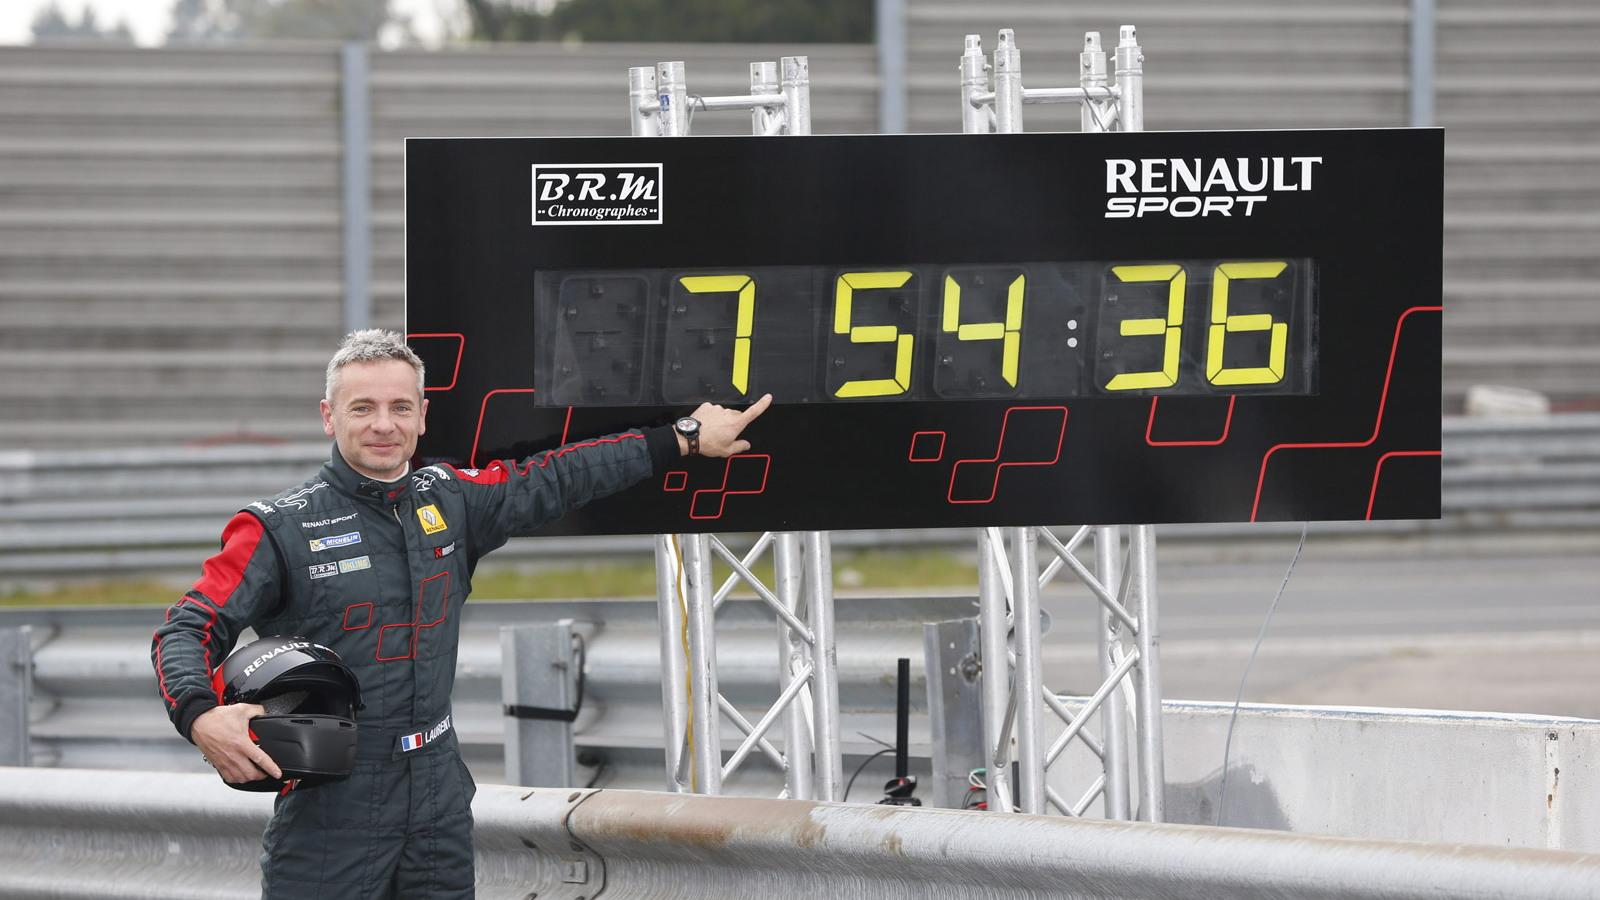 2014 Renault Megane RS 275 Trophy R